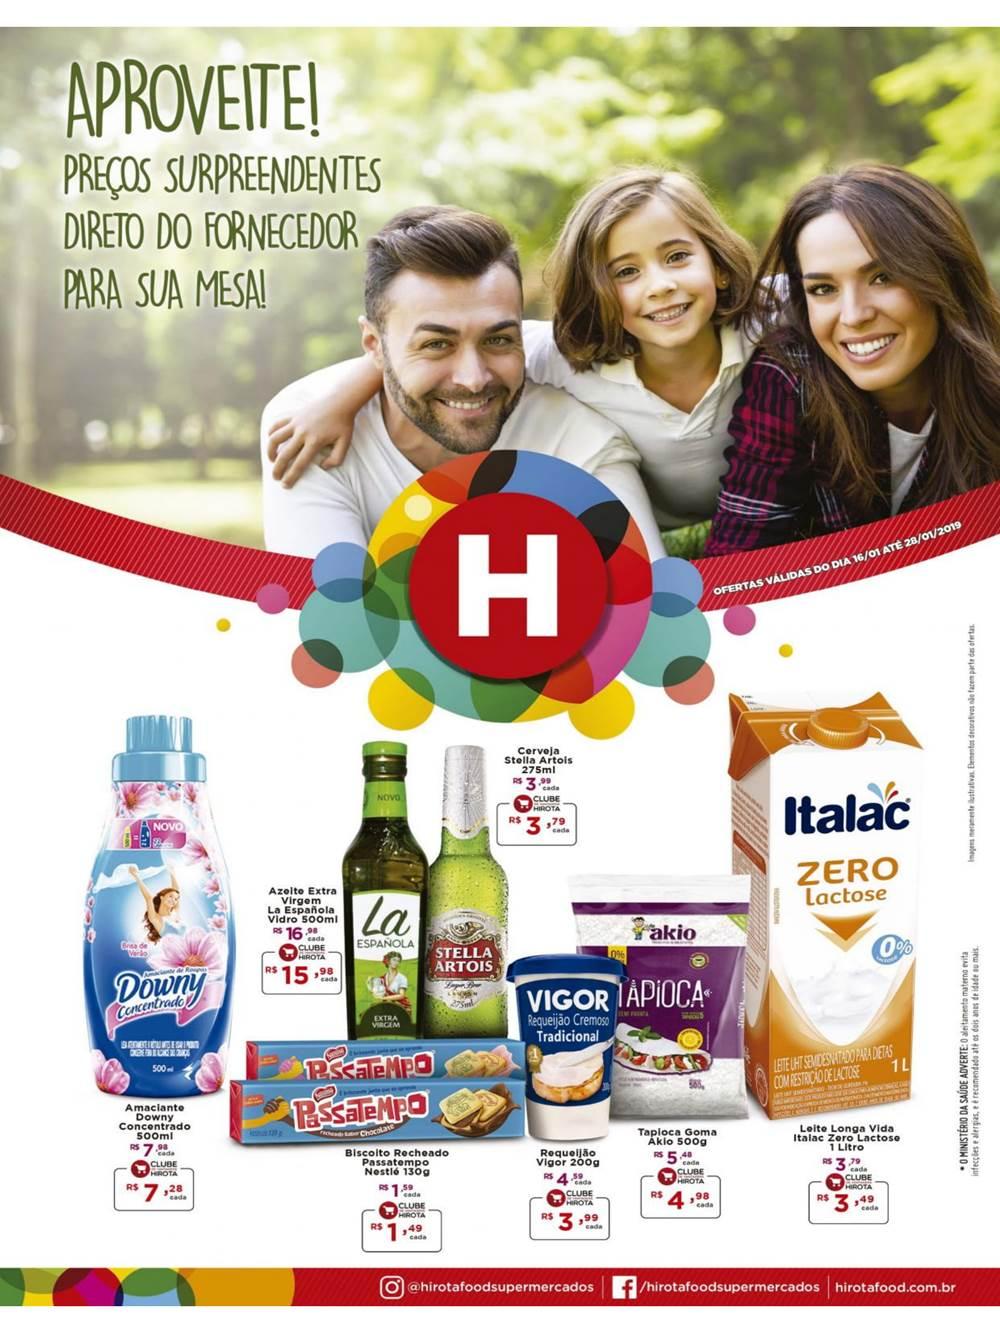 Ofertas-Hirota1 Ofertas de Supermercados - Economize!